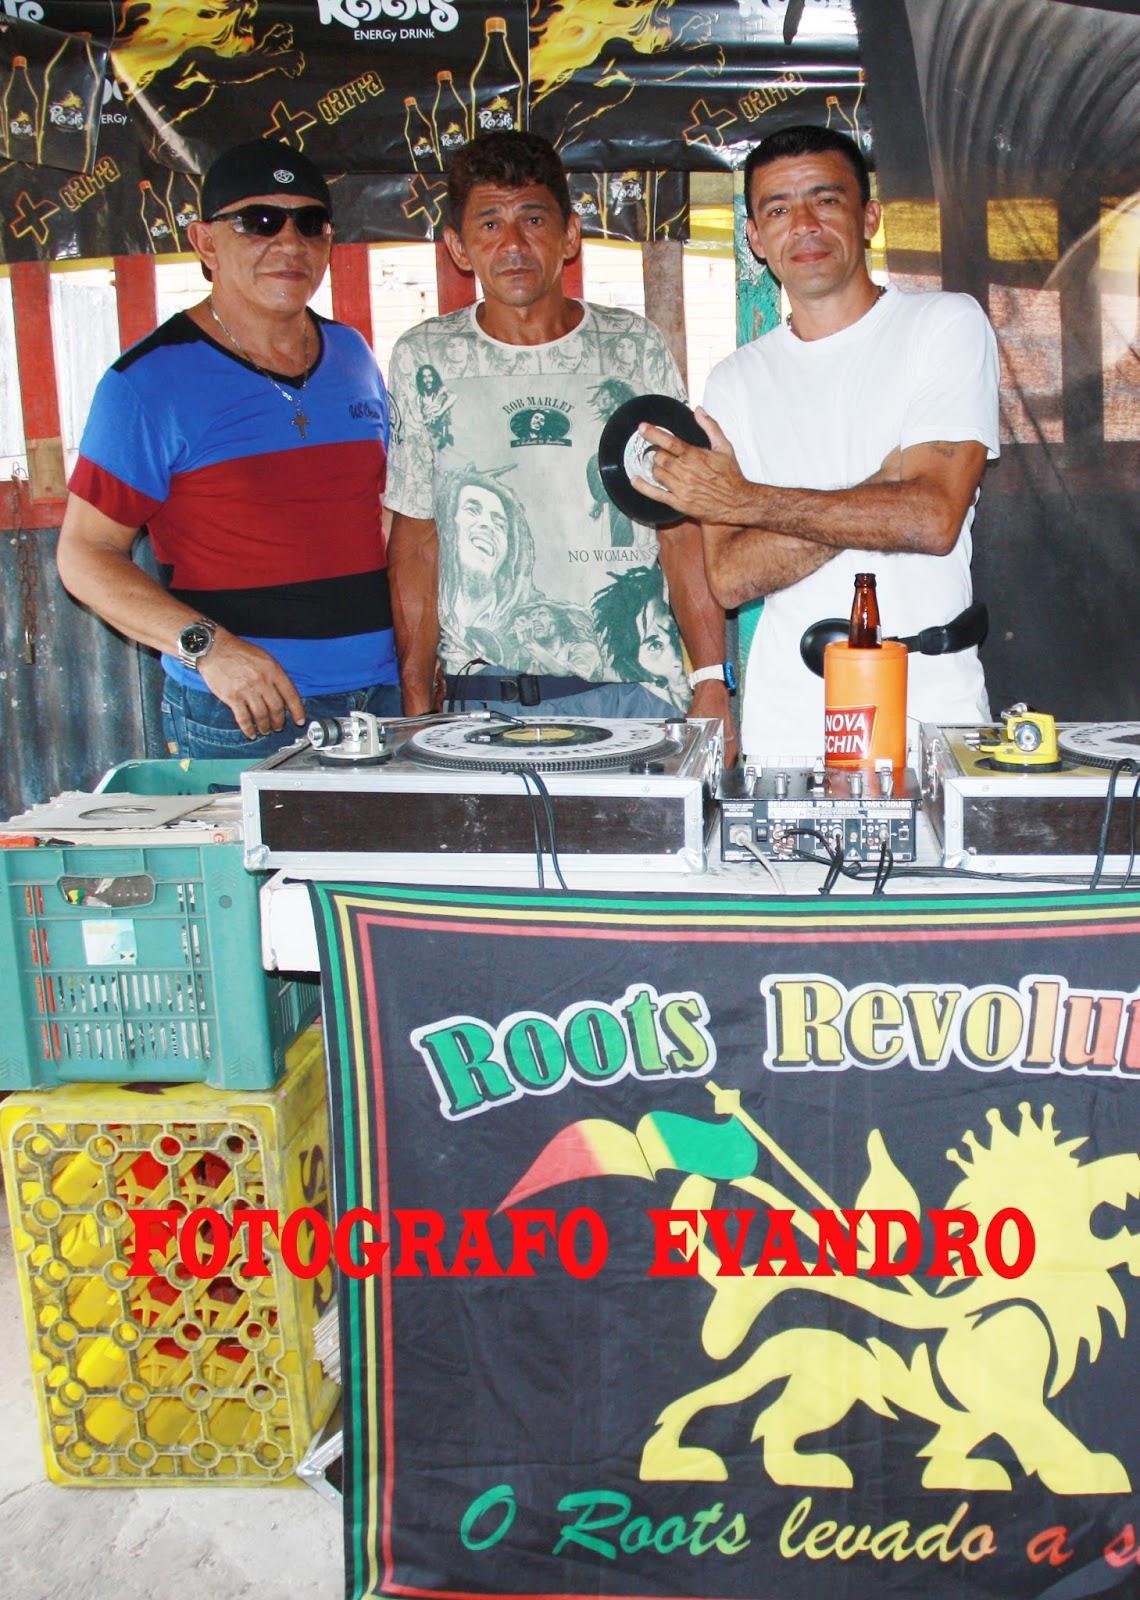 Imagem Do Reggae ~ ROOTSBLOGSPOT COM FOTOS DA GALERA REGGAE DO VINYL NO POINT DO LAZARO ROOTS DIA 15 DE SETEMBRO E